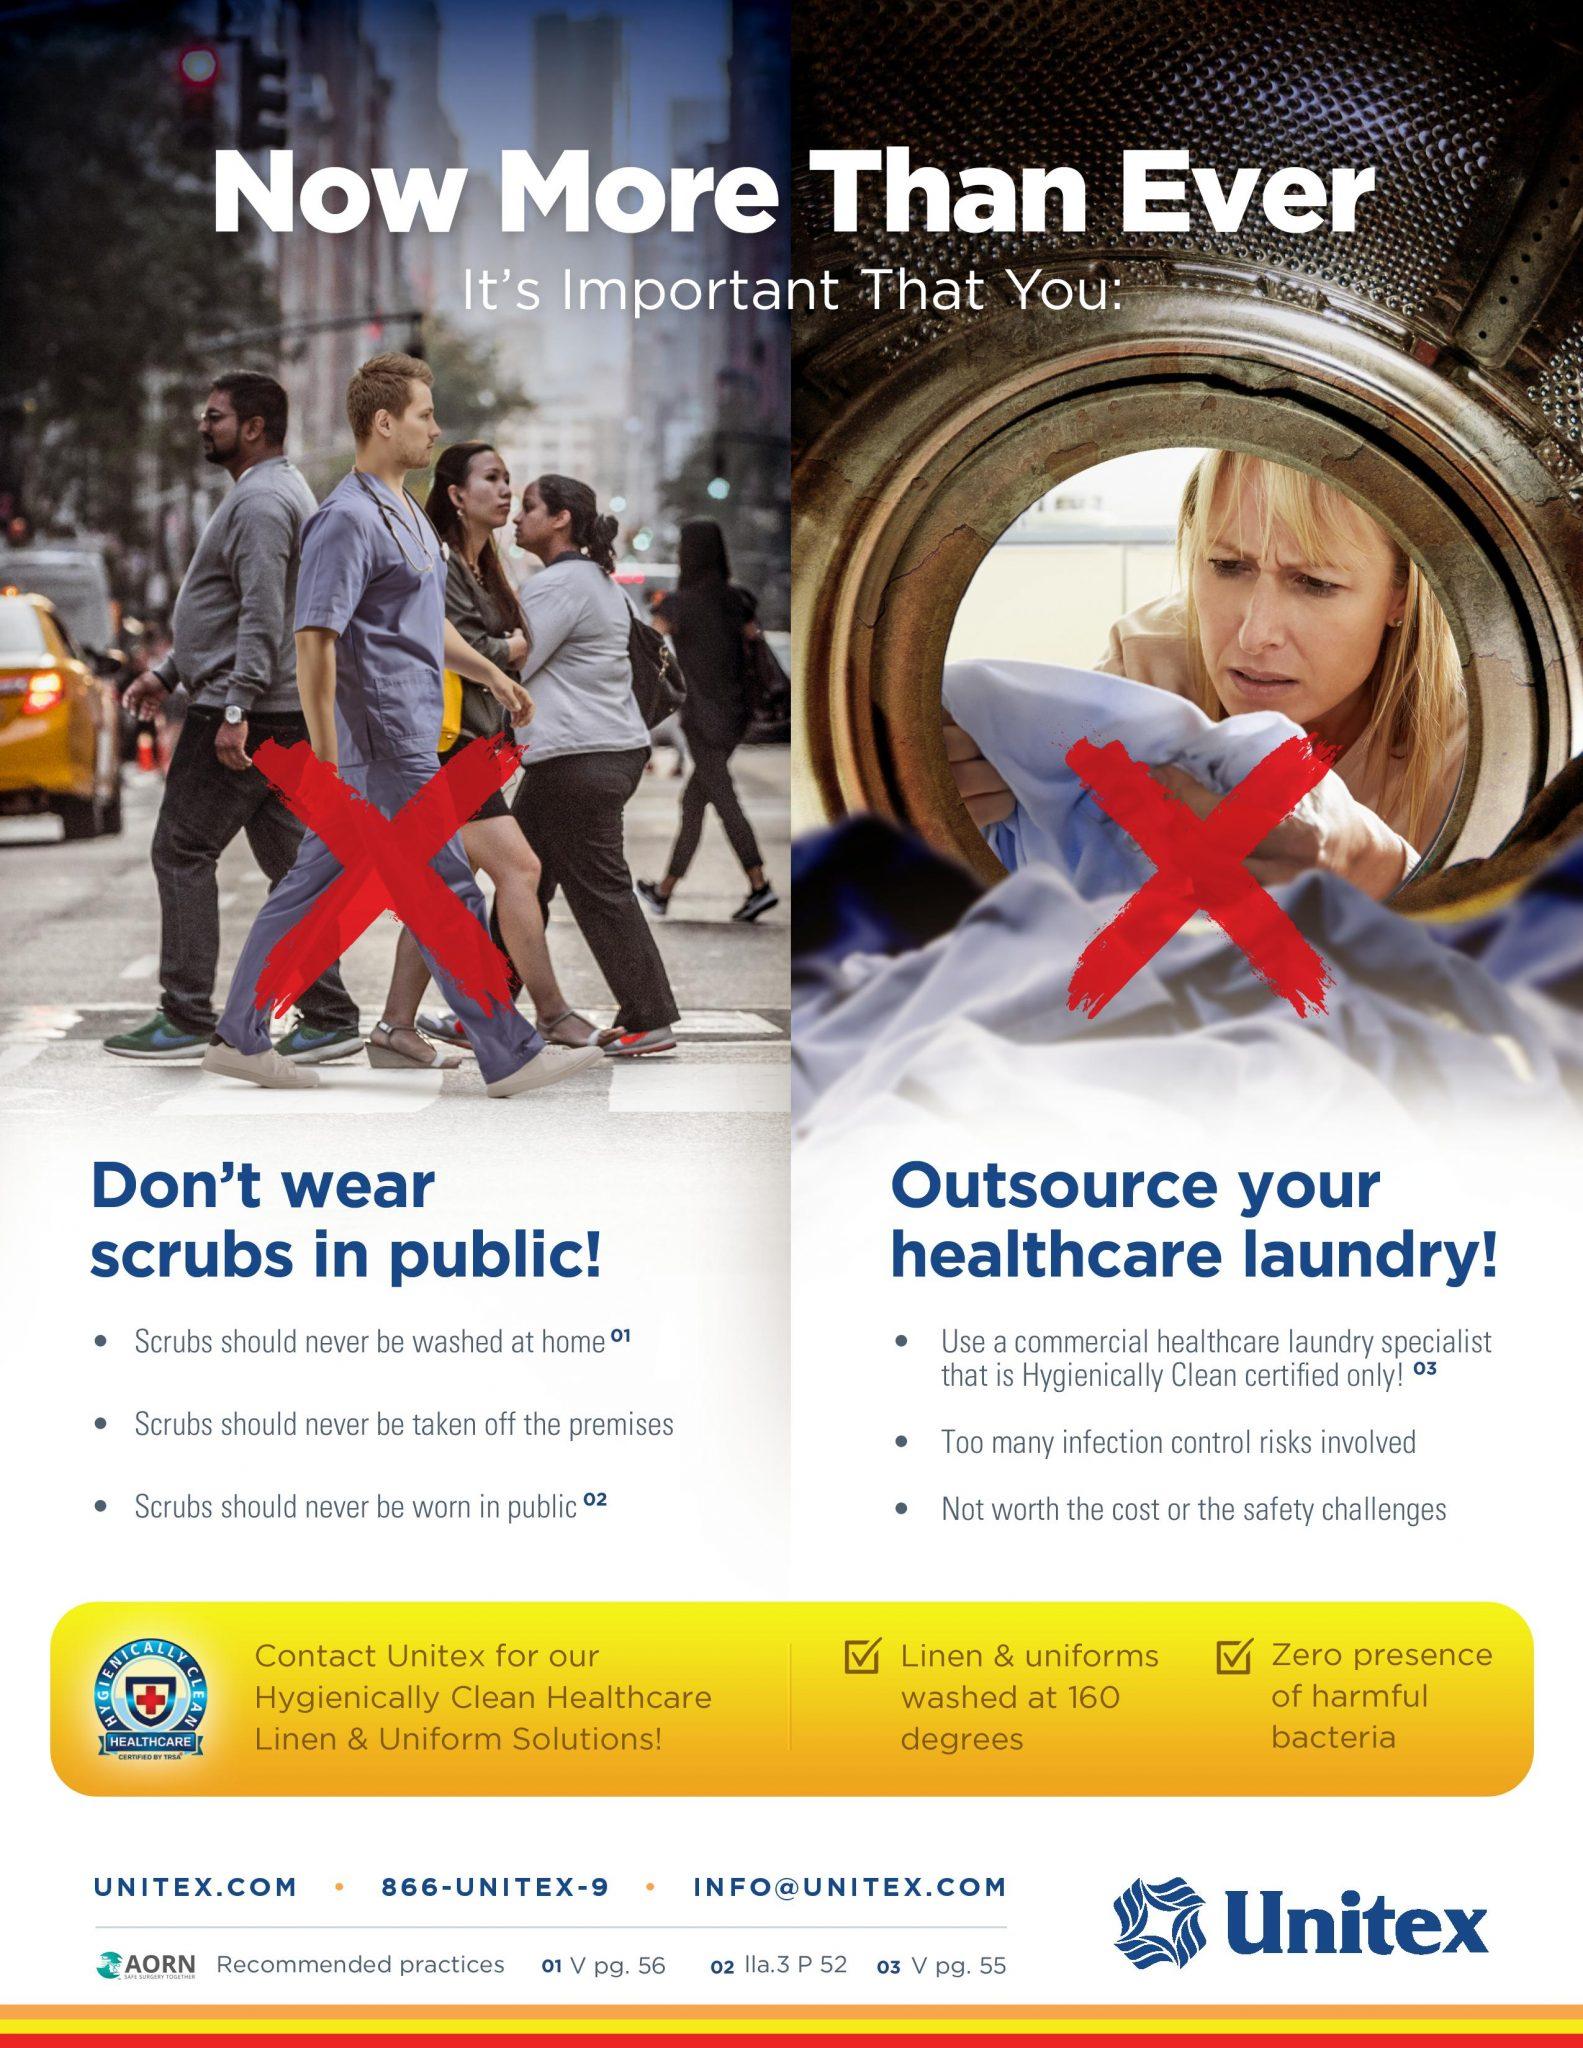 don't wear scrubs in public